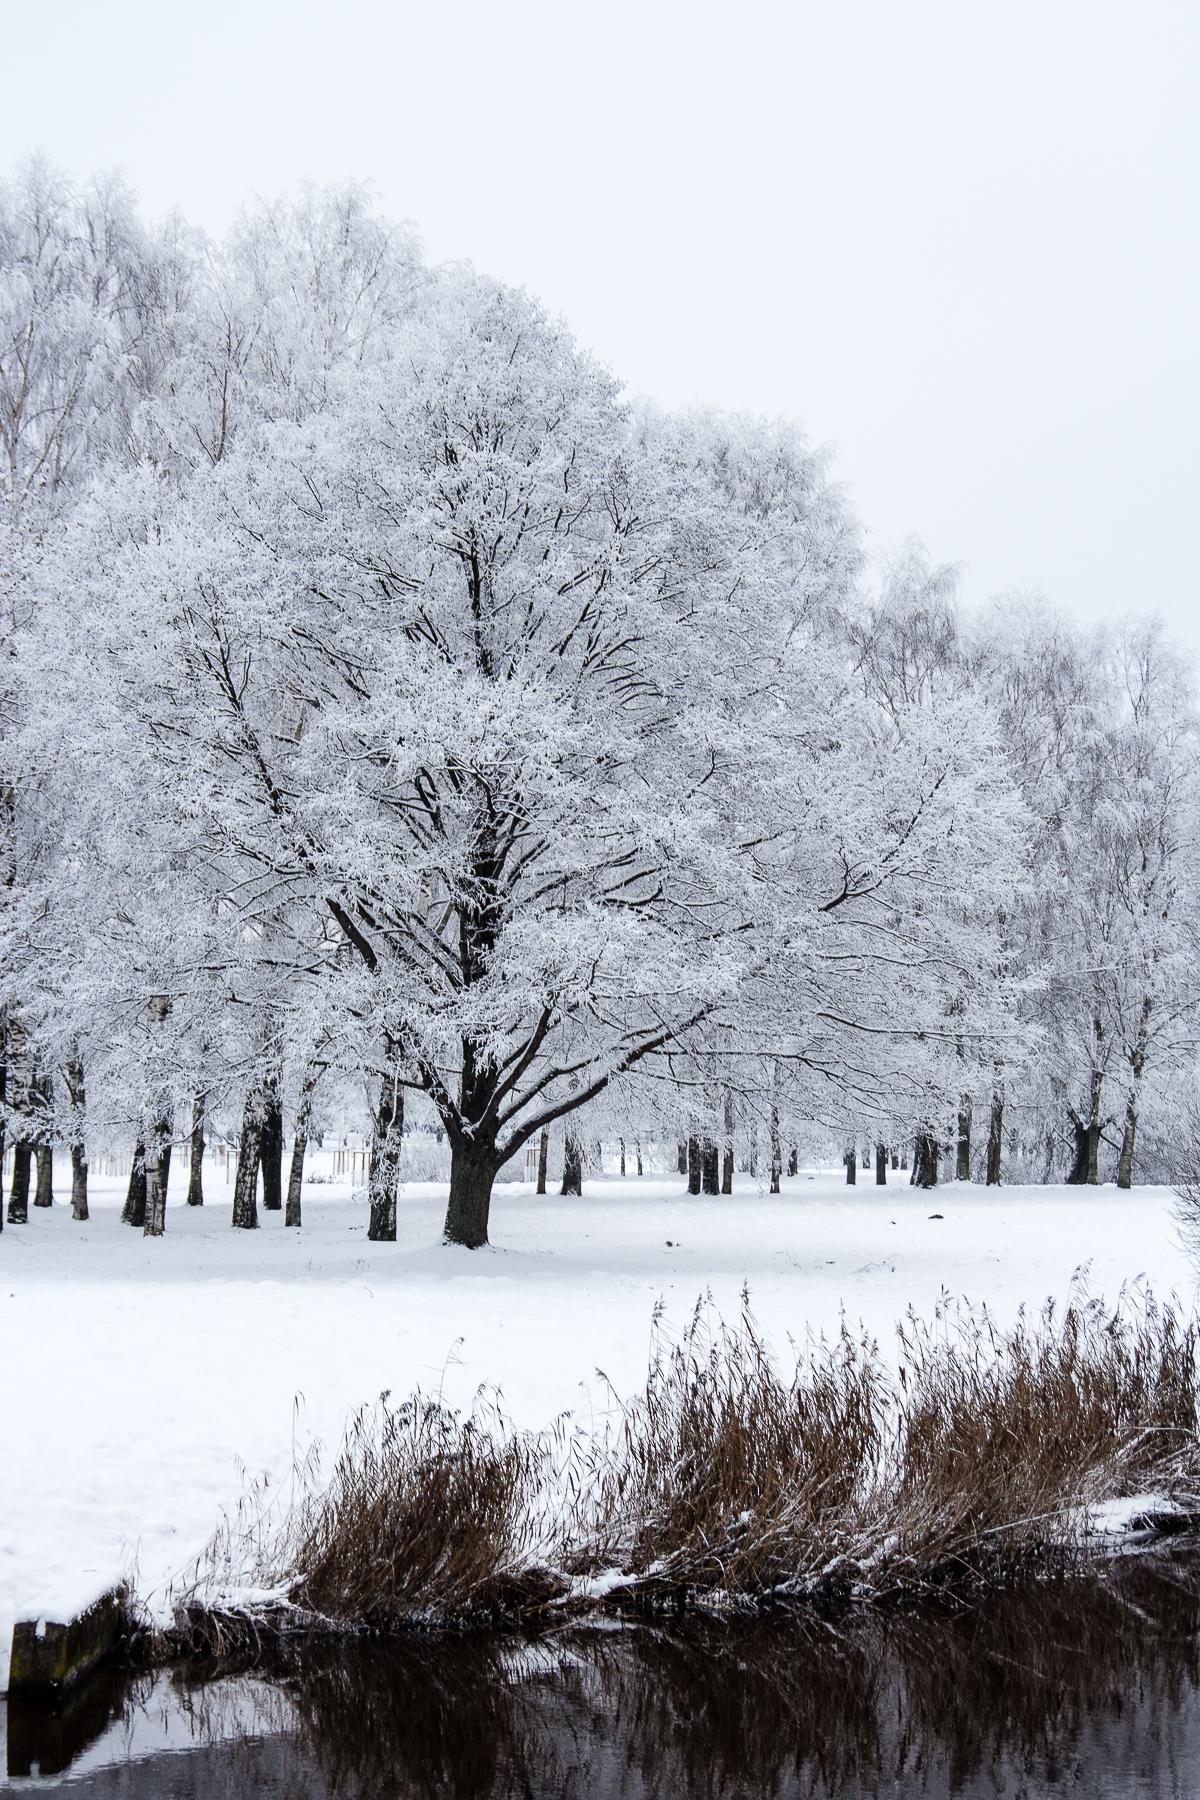 Park In Winter Via @Atisgailis